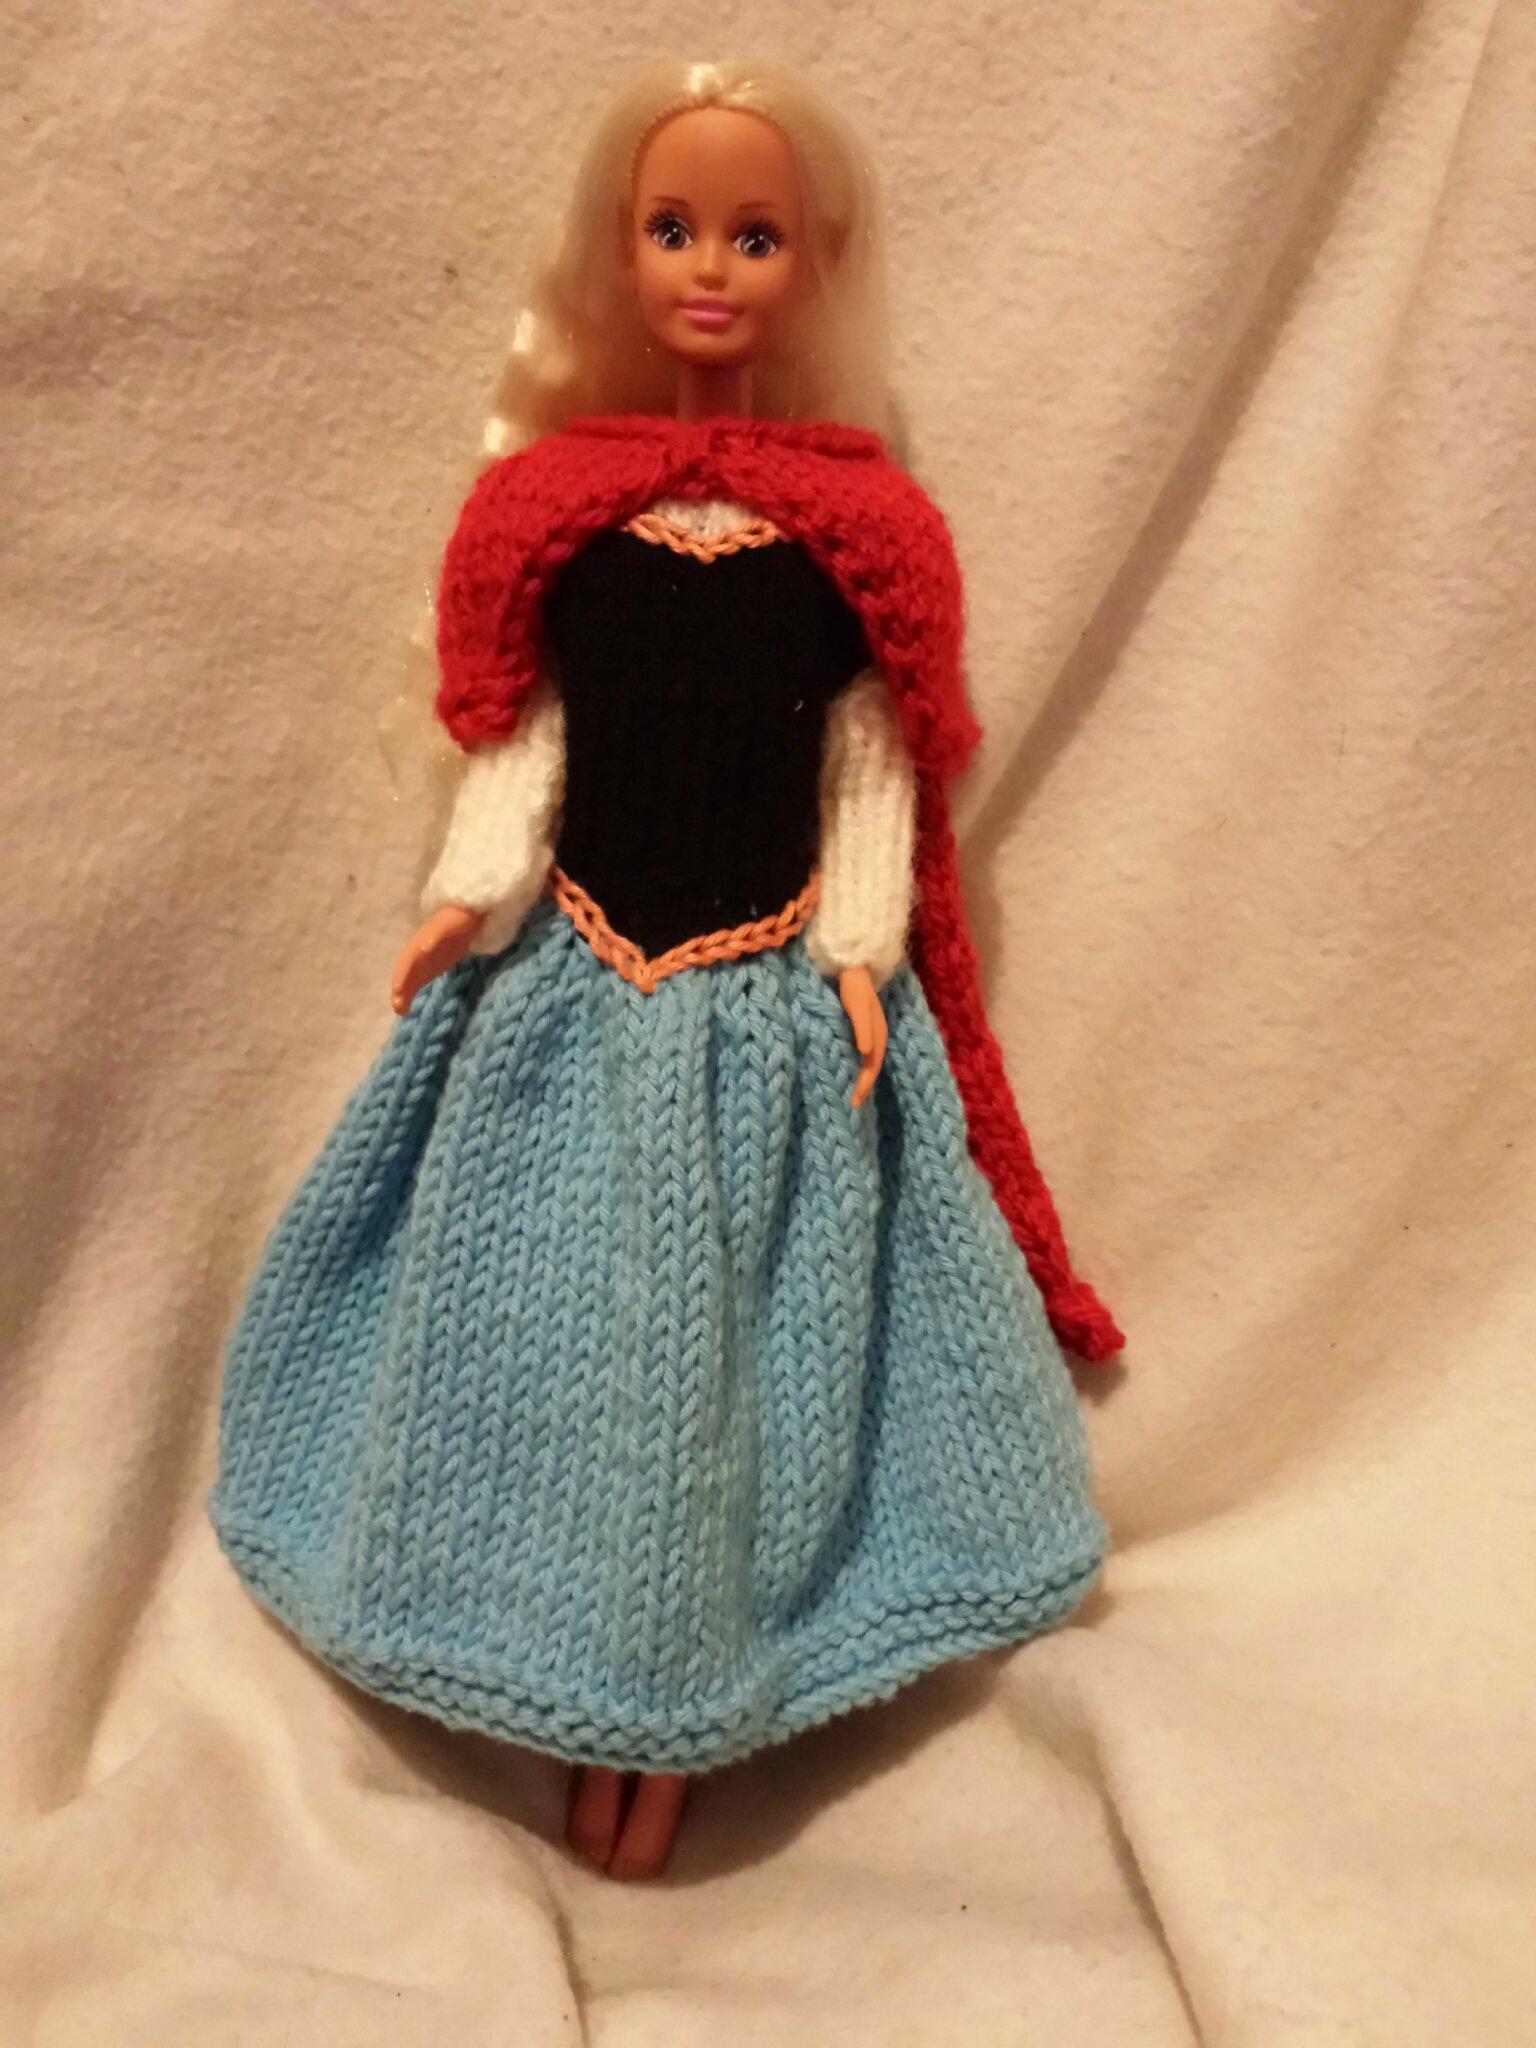 cras tricot pour poupe barbie reine des neiges - Barbie La Reine Des Neiges